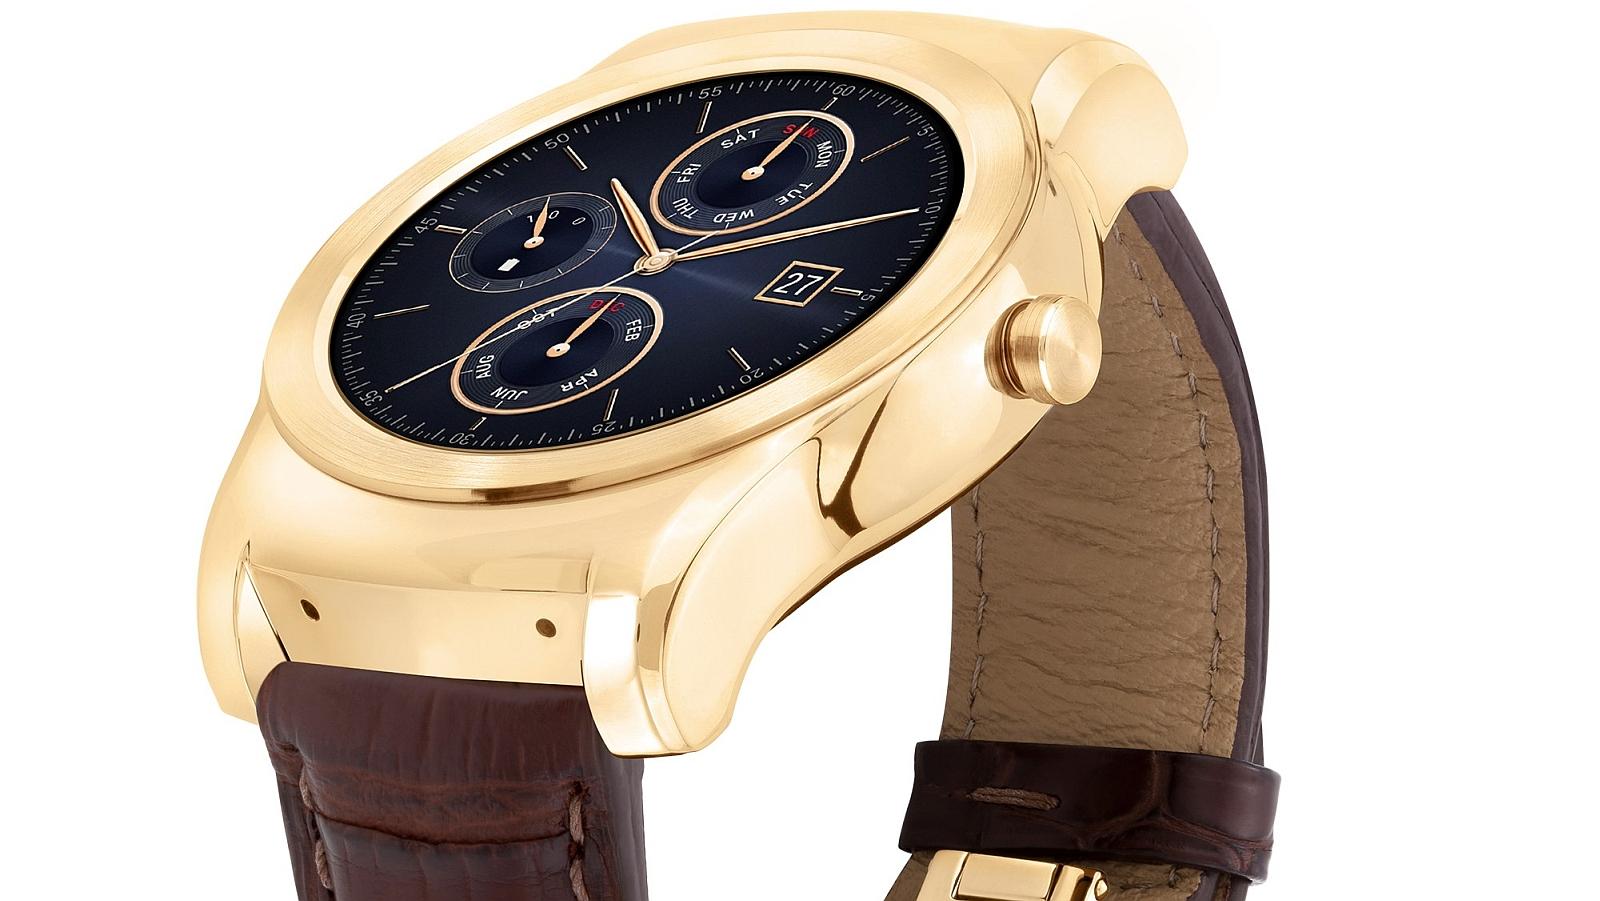 LG Watch Urbane Luxe lead